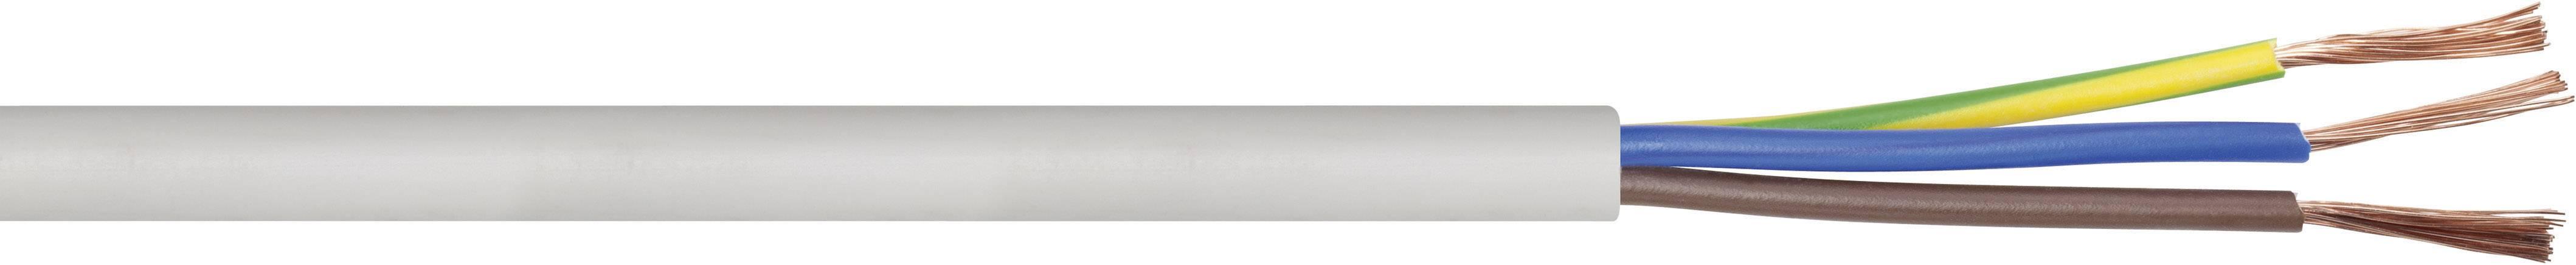 Vícežílový kabel LAPP H05VV-F, 49900078, 3 G 1.50 mm², bílá, metrové zboží